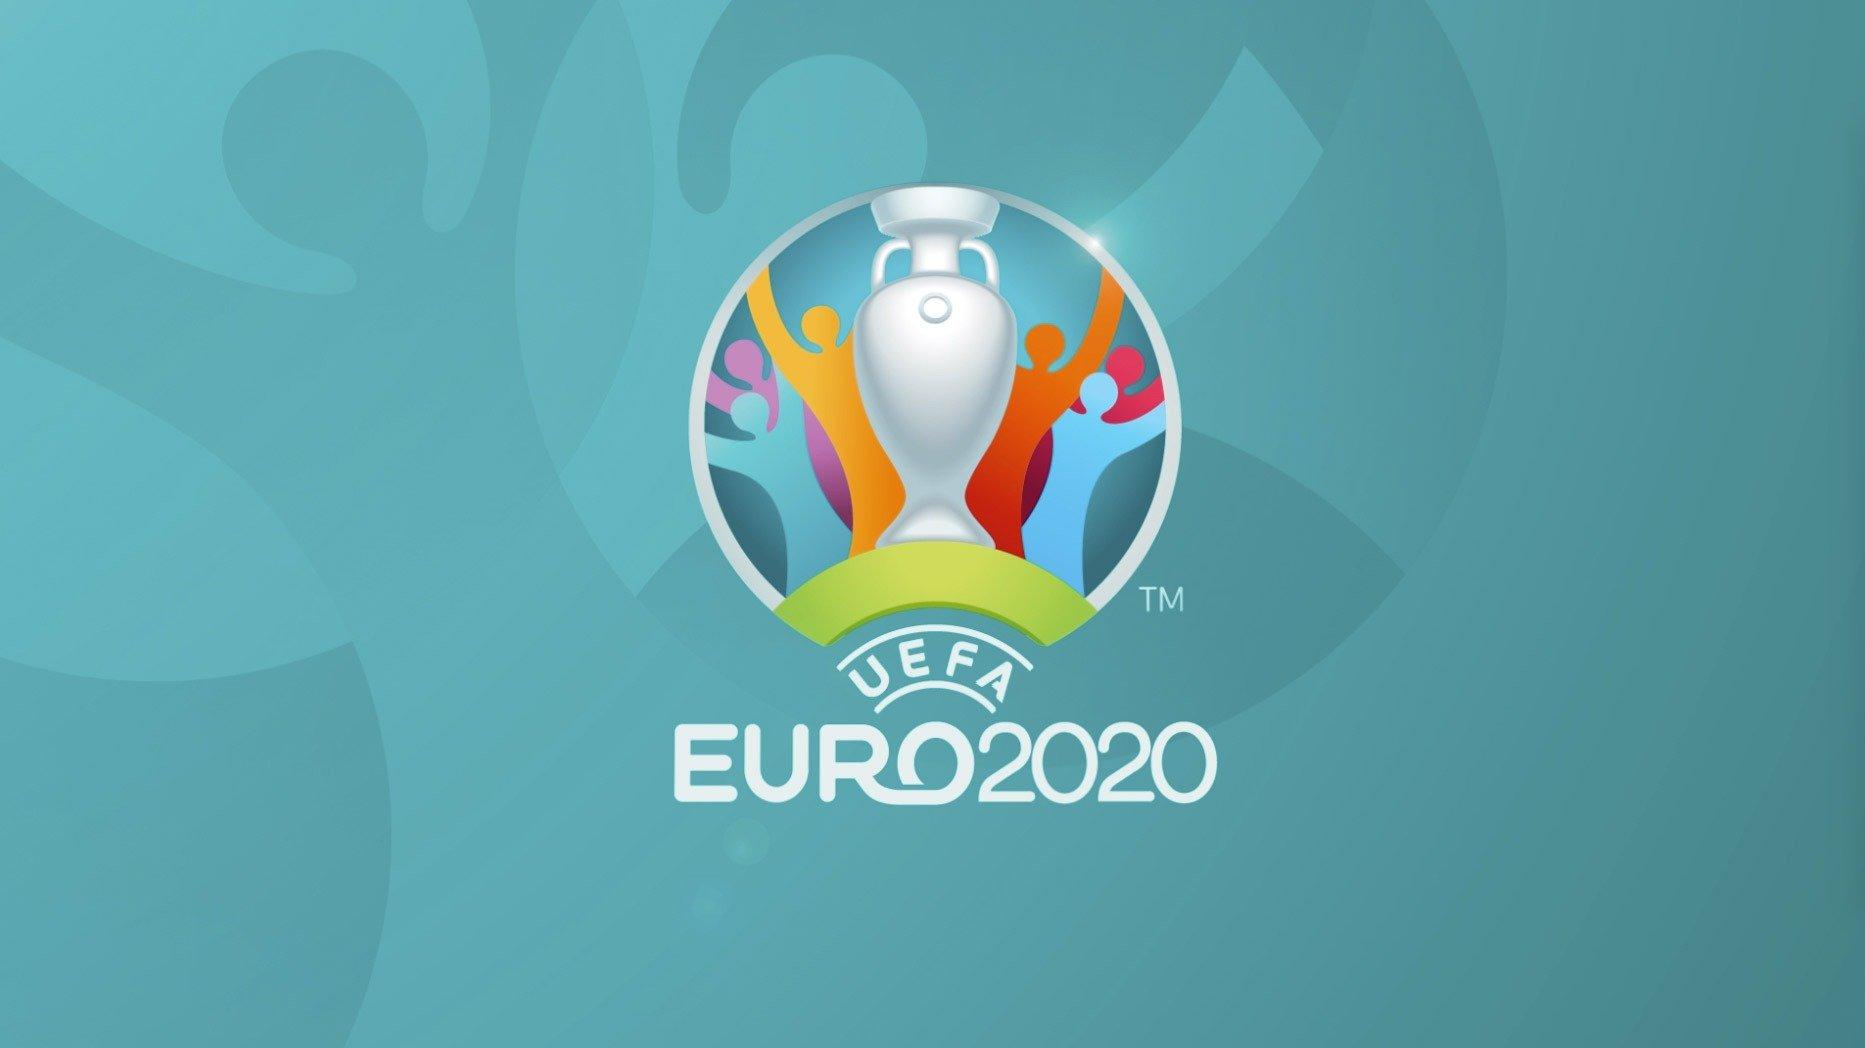 Судьба за вторую путёвку на Евро из группы A развернётся между Чехией и Косово